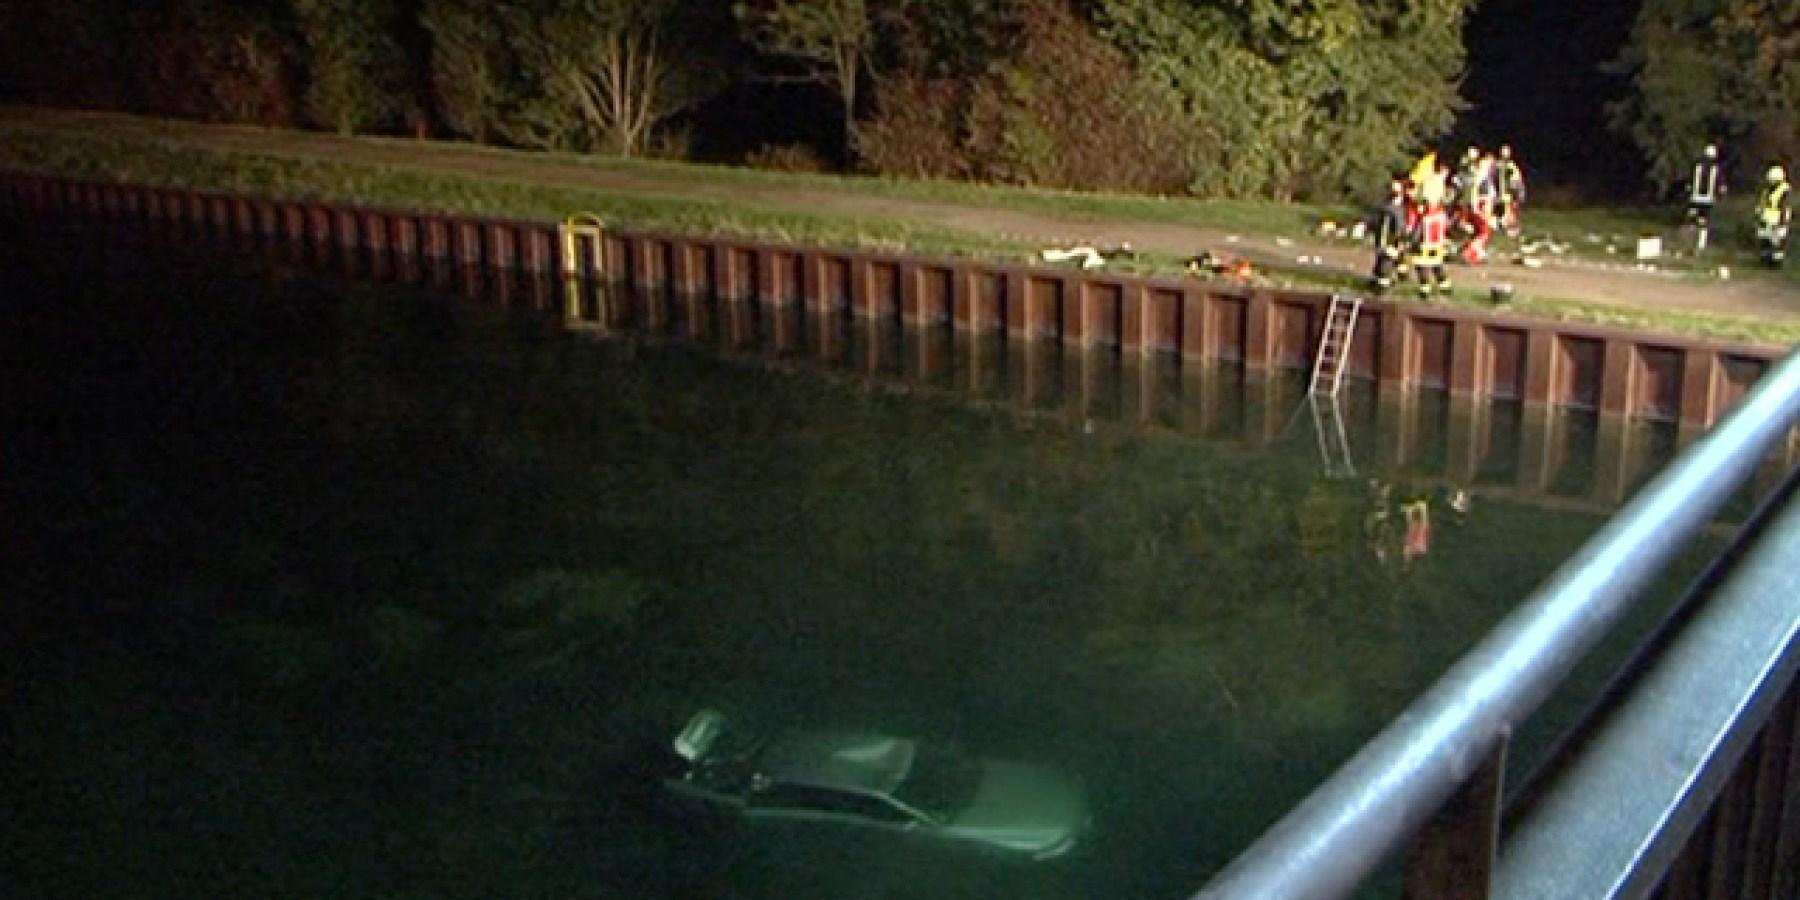 Einbrecher versenken Auto im Kanal